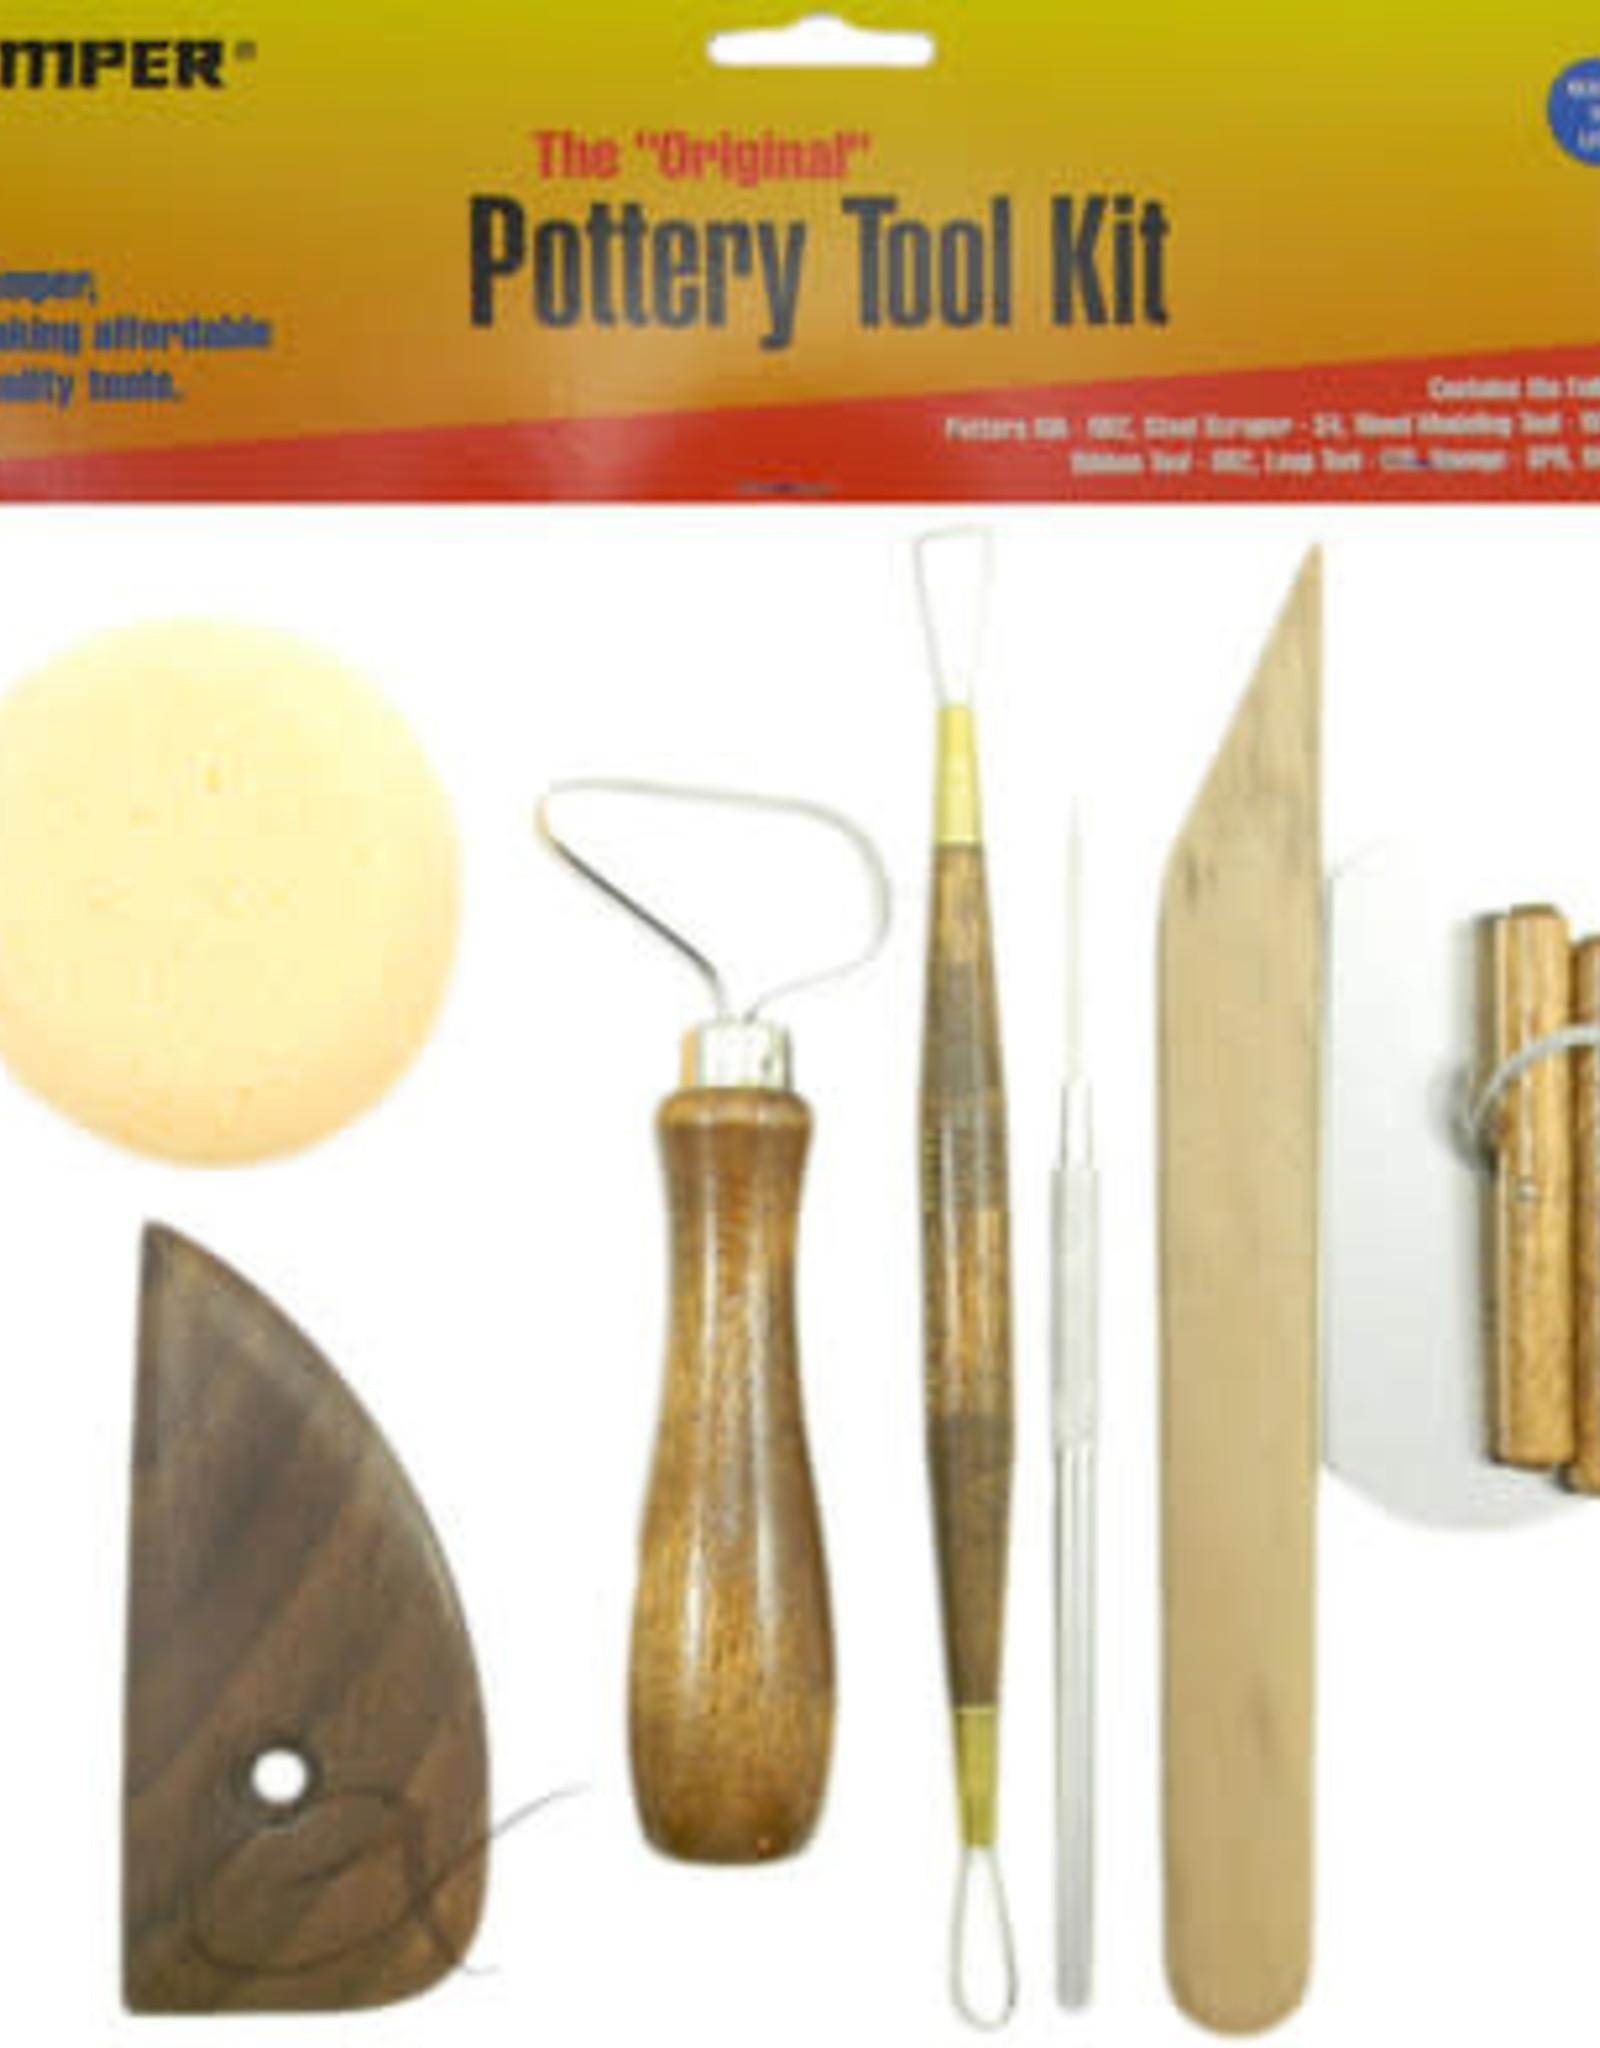 Kemper Pottery Tool Kit